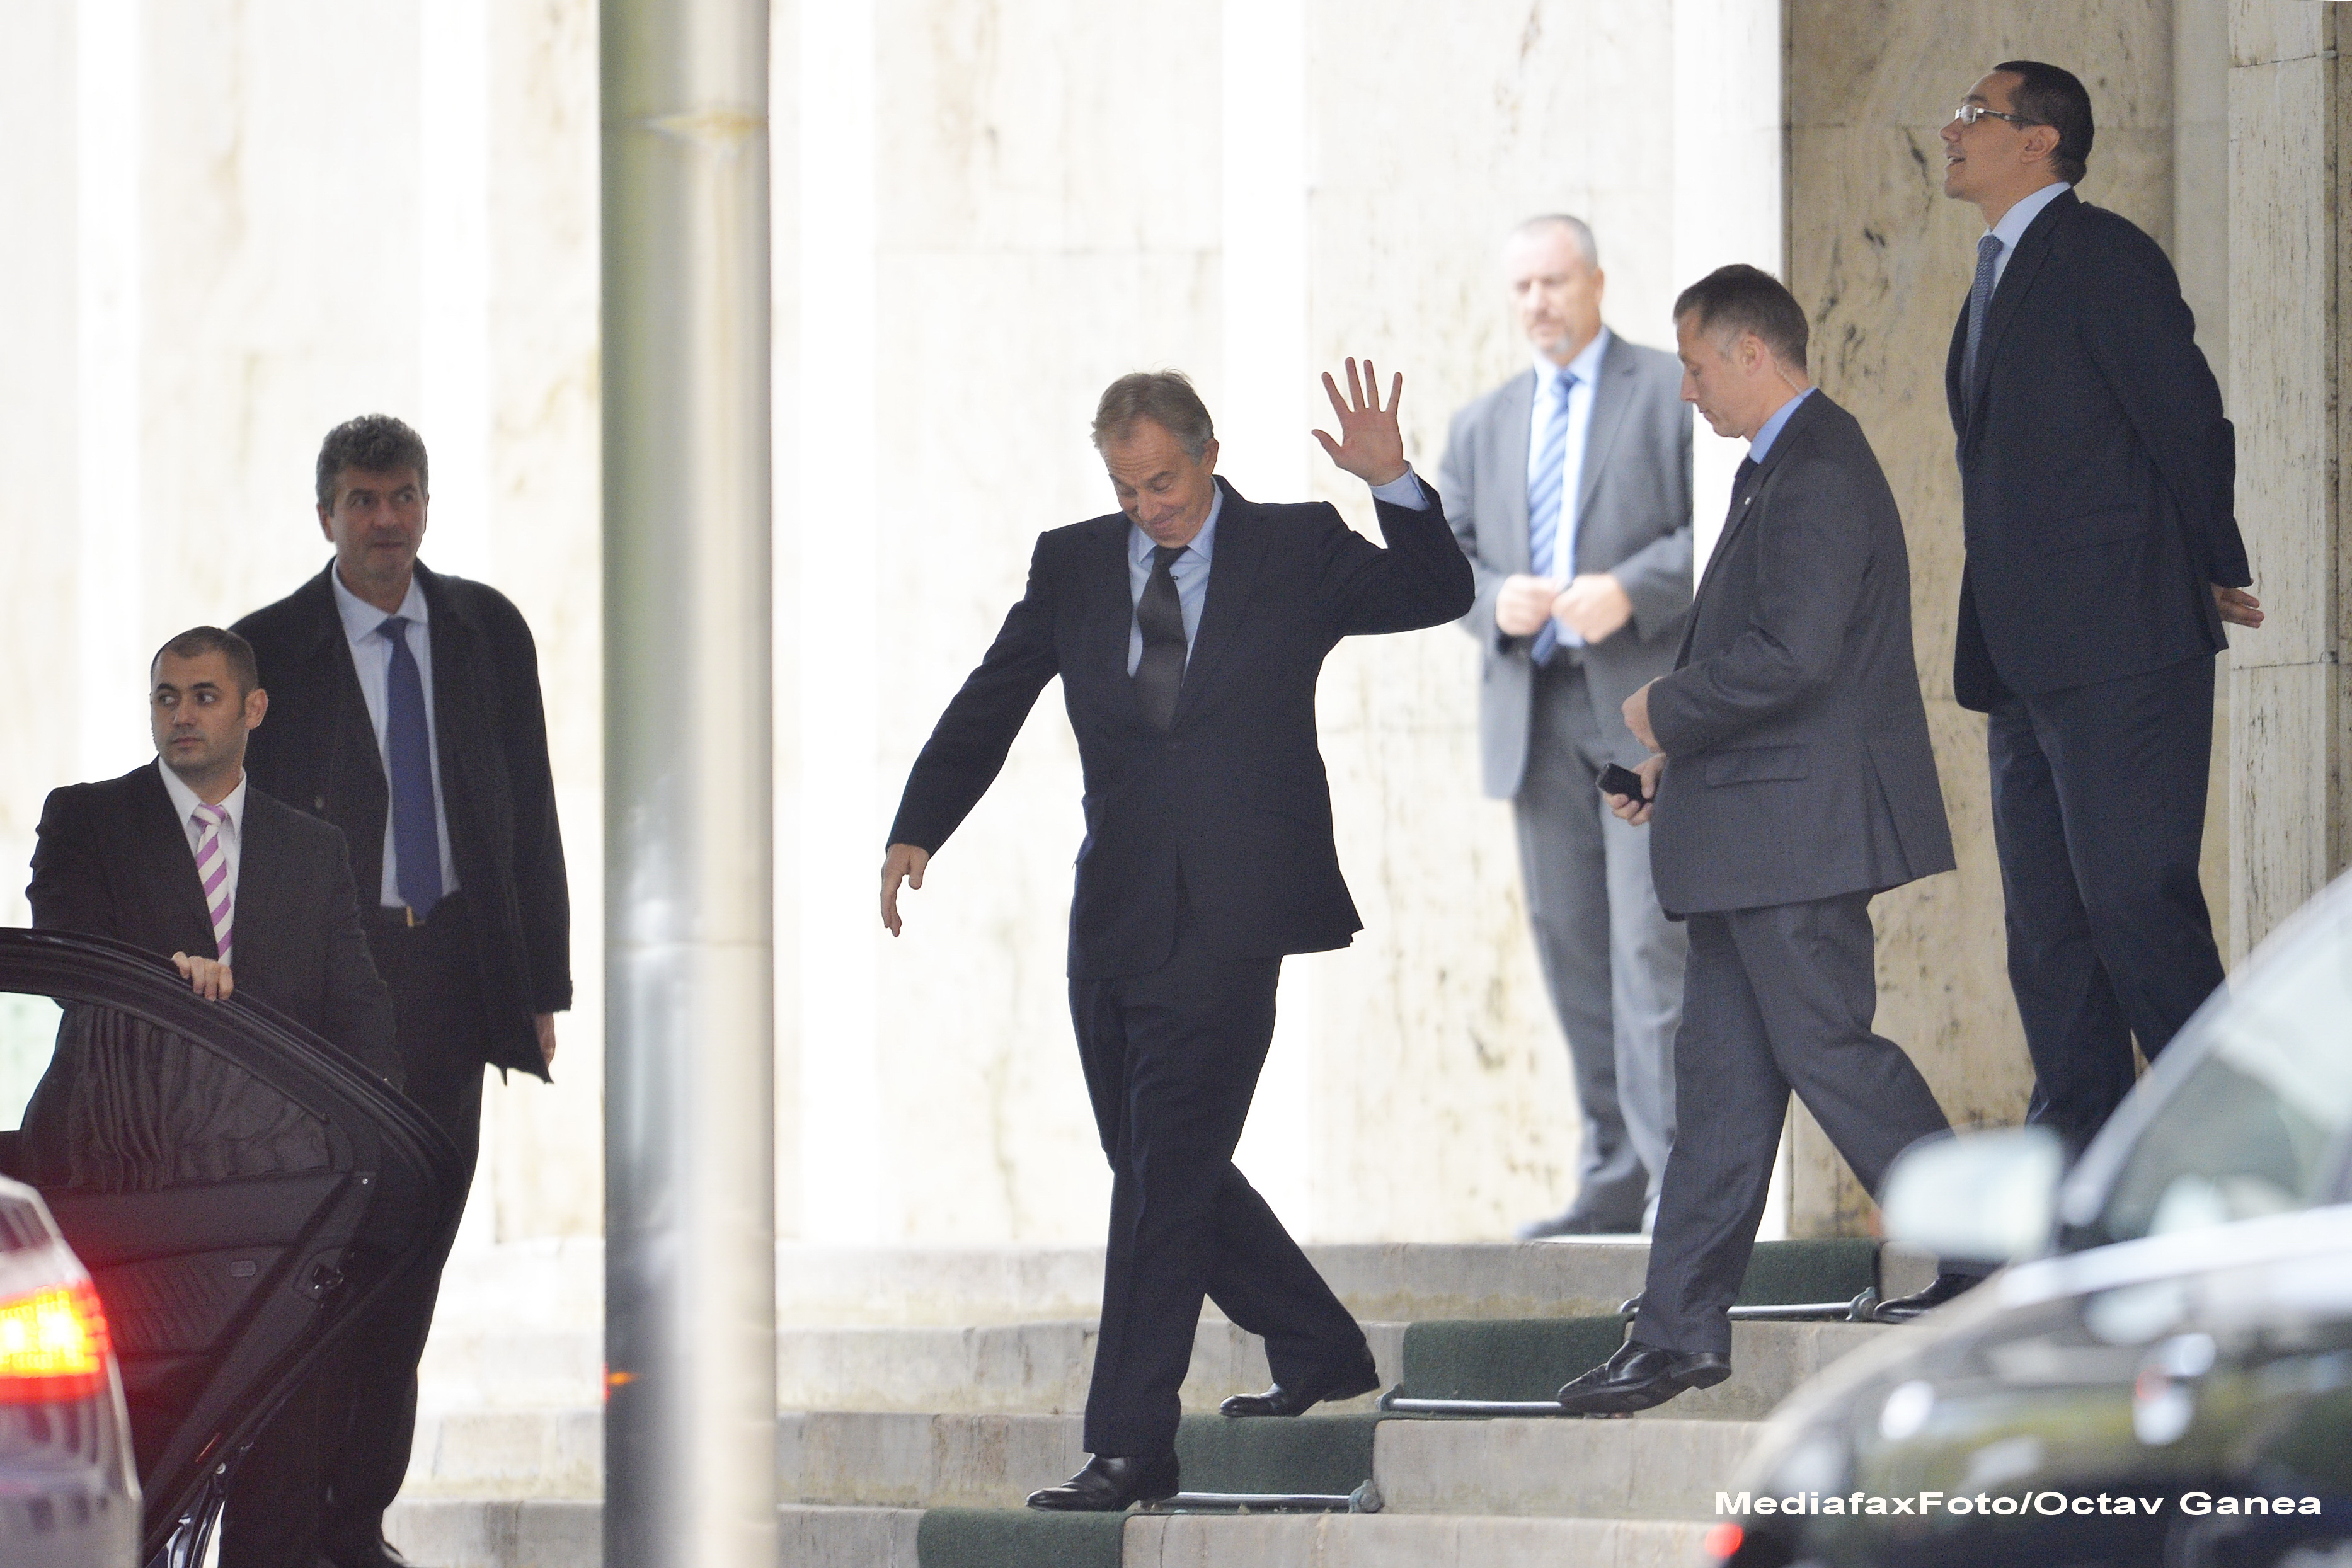 Surse: Fostul prim-ministru britanic Tony Blair a venit la Palatul Victoria, pentru o discutie cu Victor Ponta